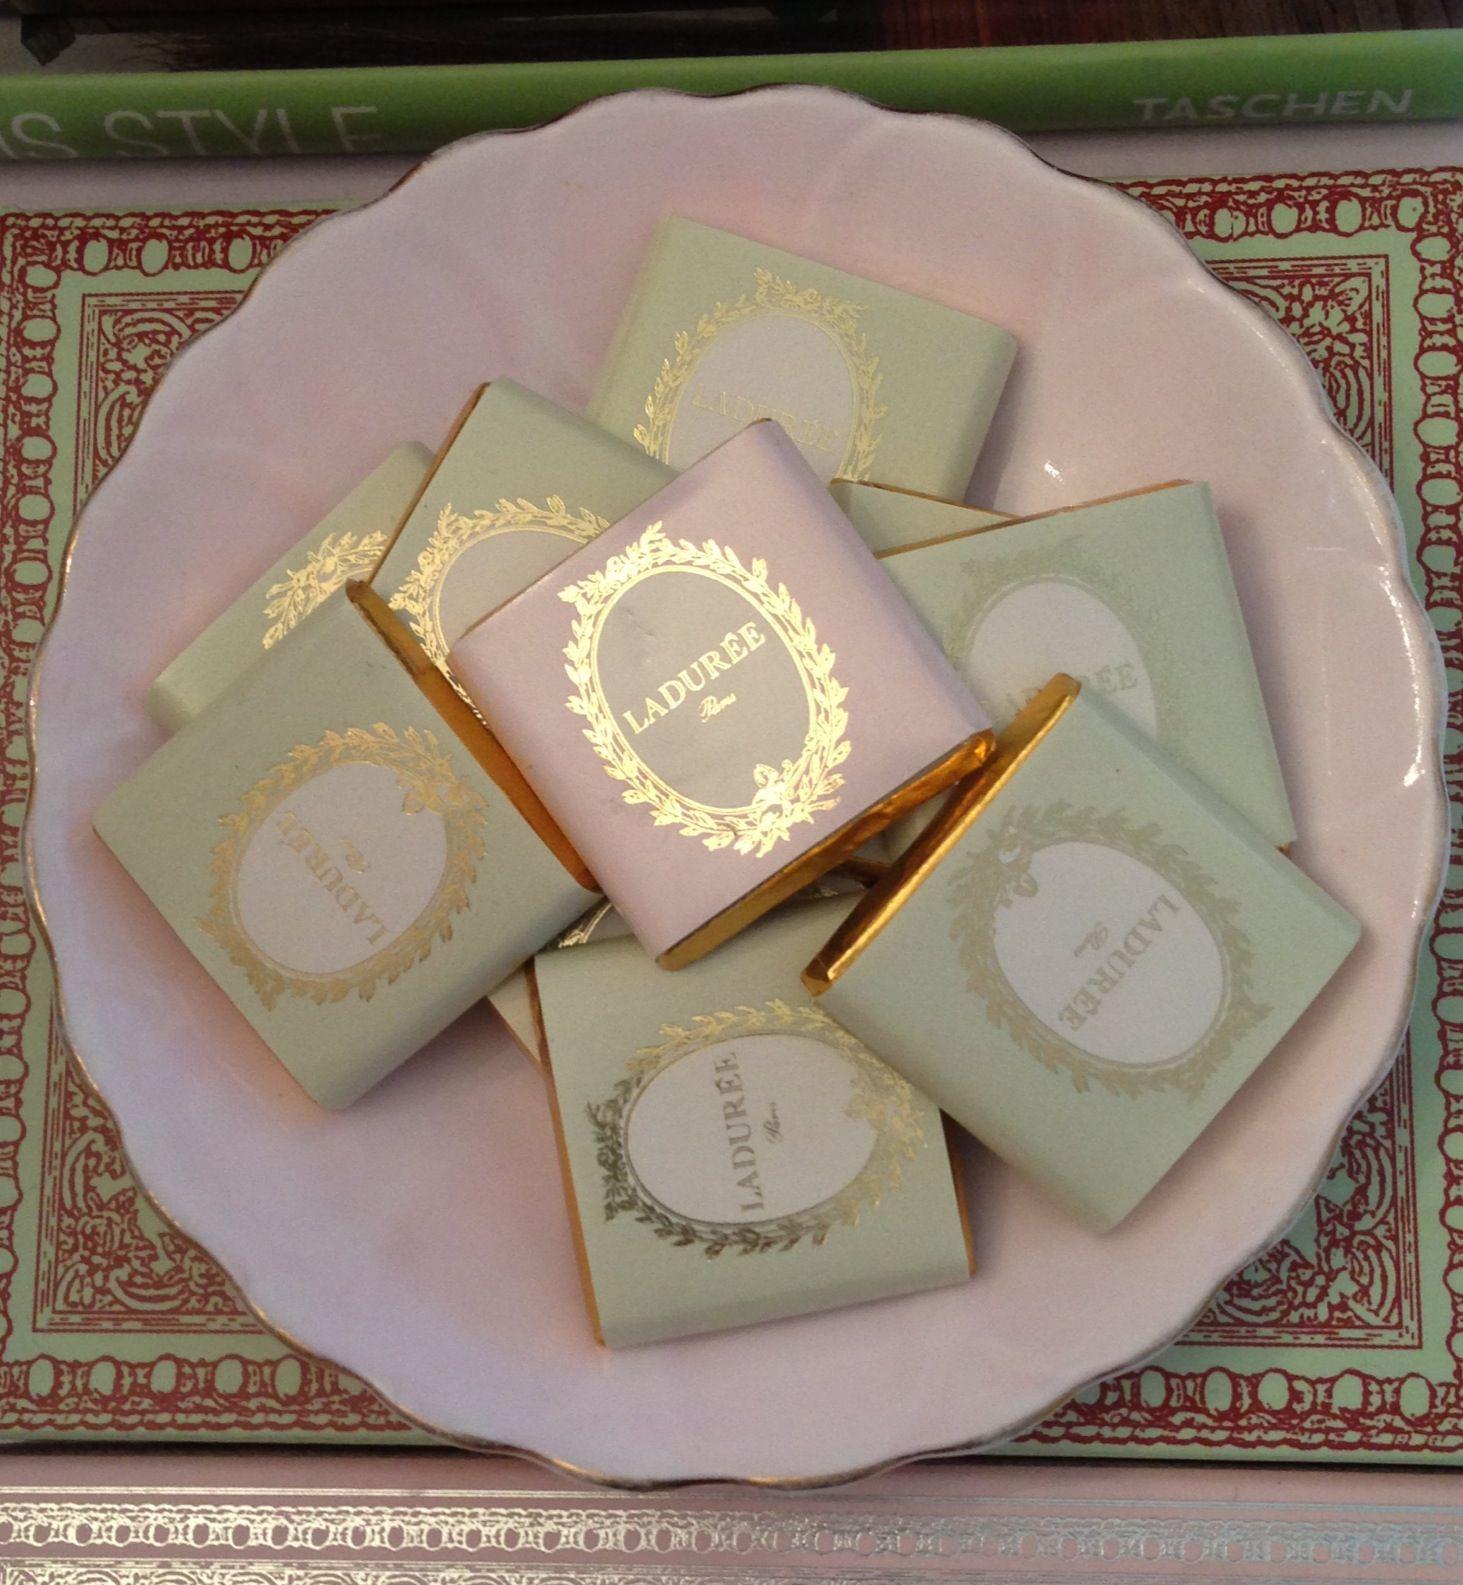 Laduree chocolates! I got mine from Laduree Harrods! :)